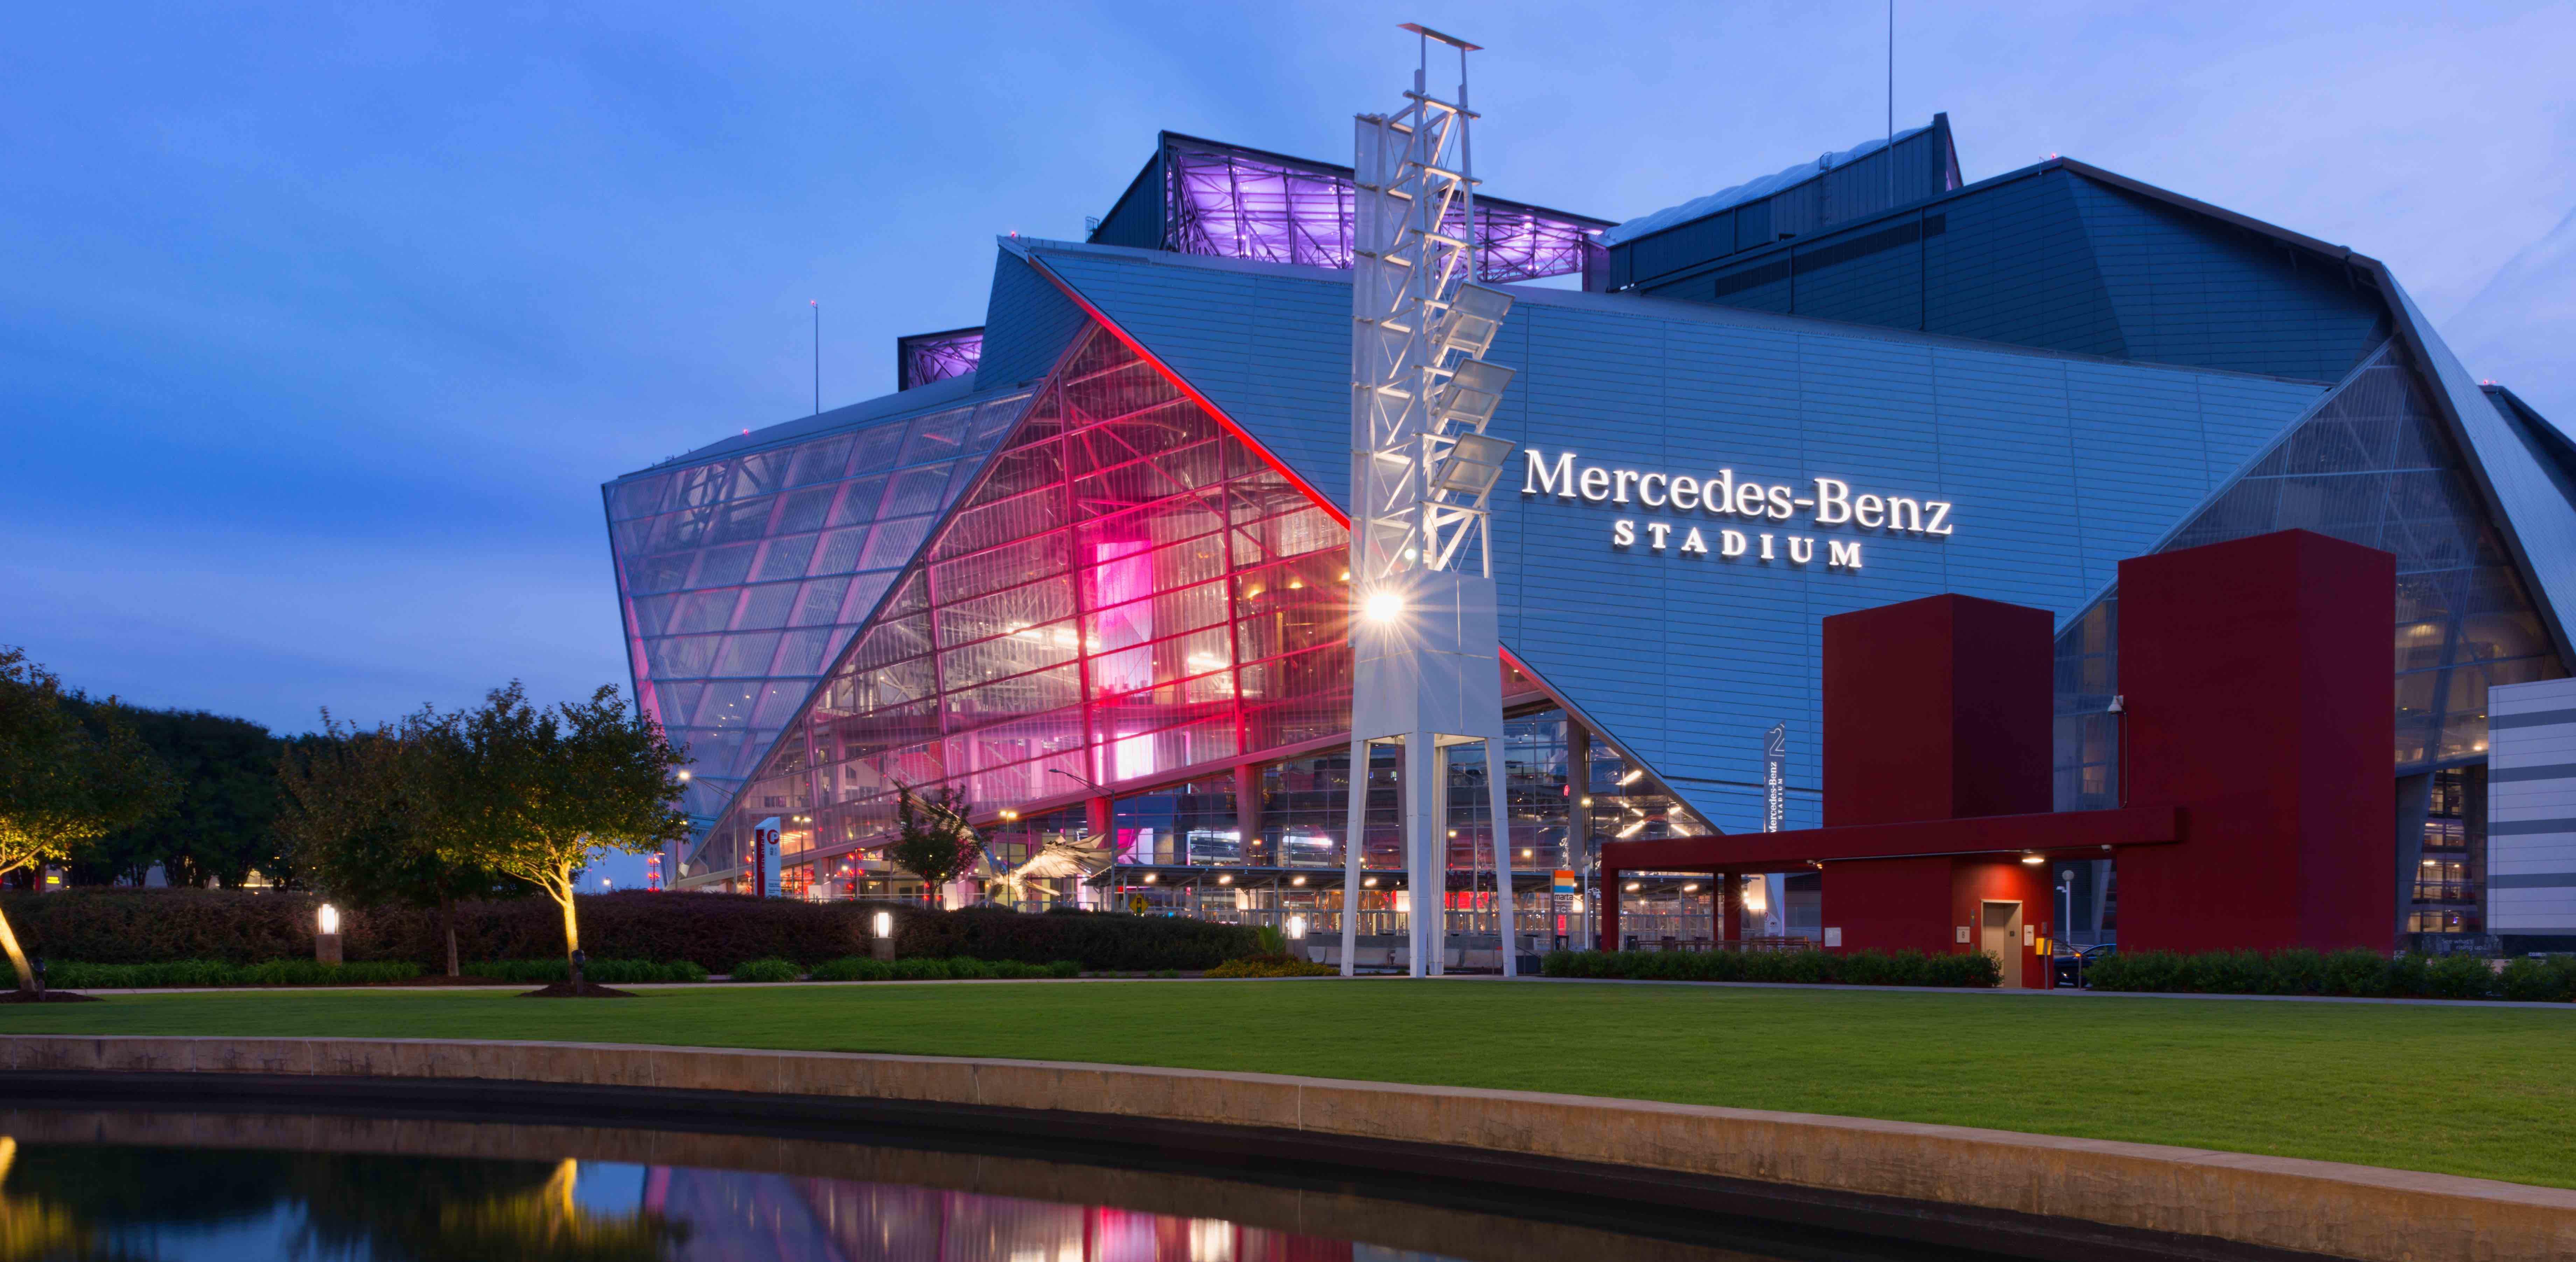 Outside view of Mercedes-Benz Stadium, Atlanta, GA